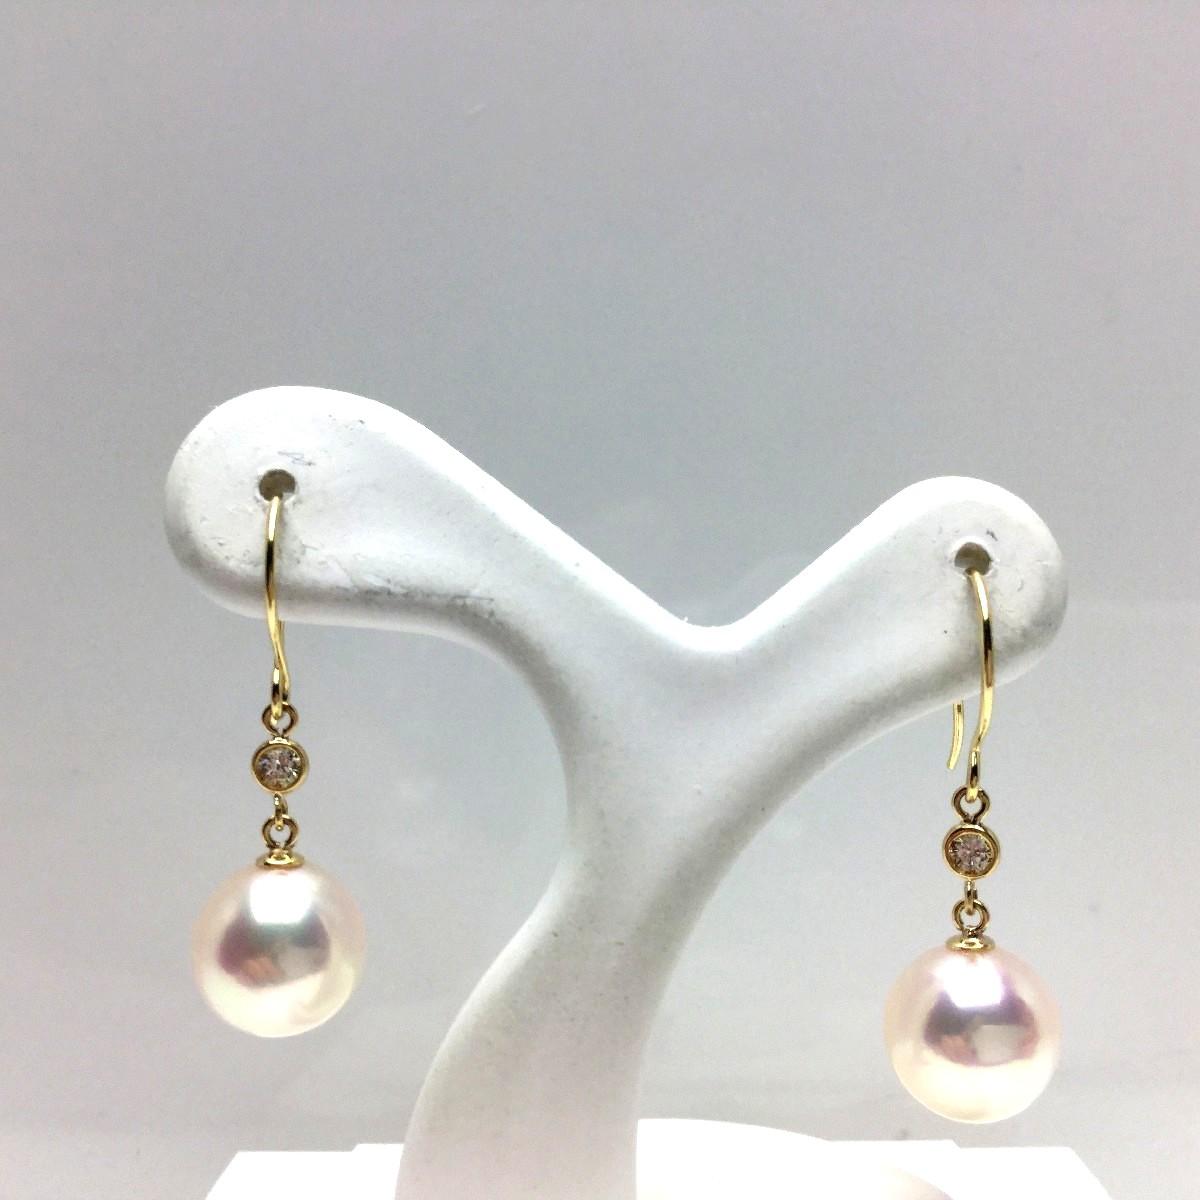 真珠 ピアス パール アコヤ真珠 フック 7.35mm ホワイトピンク K18 イエローゴールド ダイヤモンド 0.02ct 66967 イソワパール